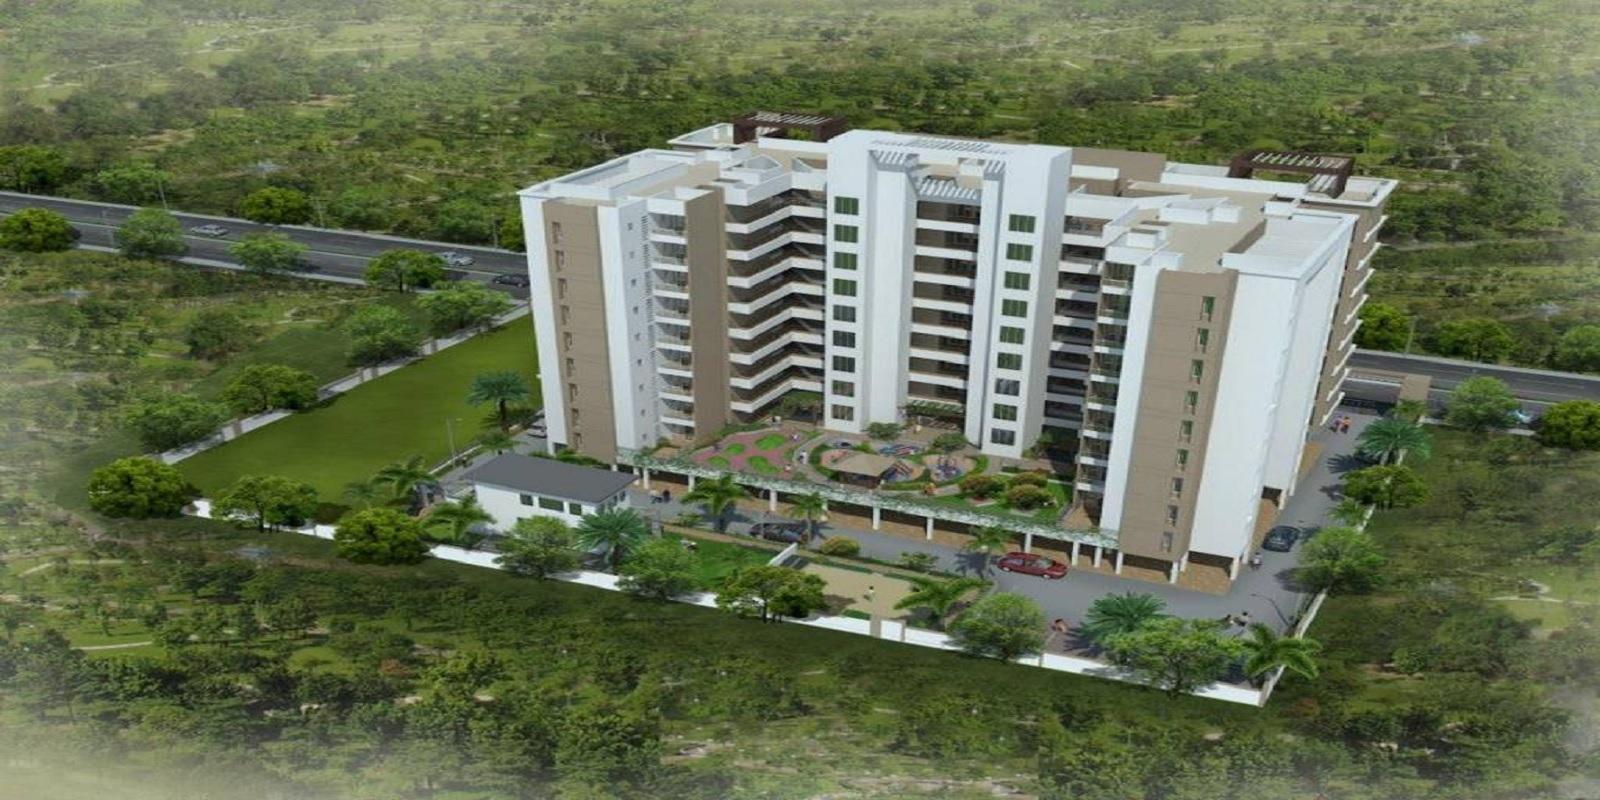 nirman abhilasha project large image2